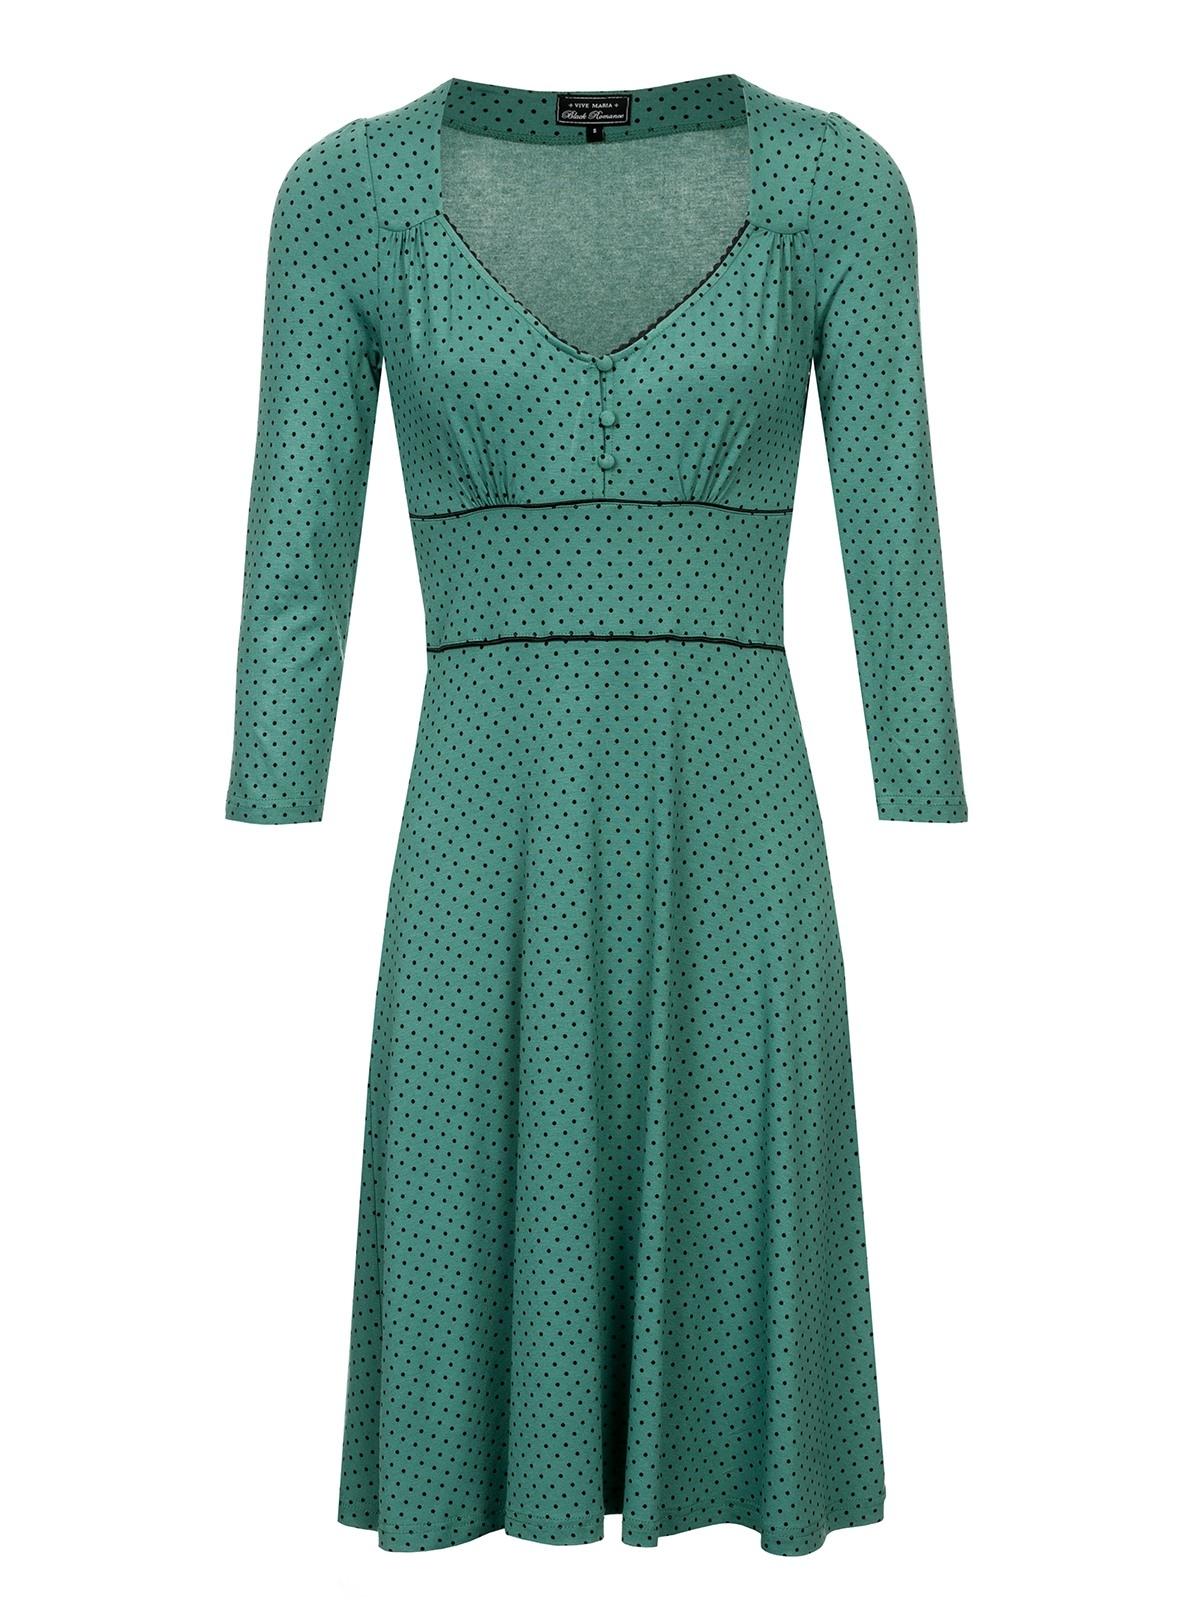 Abend Genial Kleider In Grün für 2019Designer Elegant Kleider In Grün Ärmel